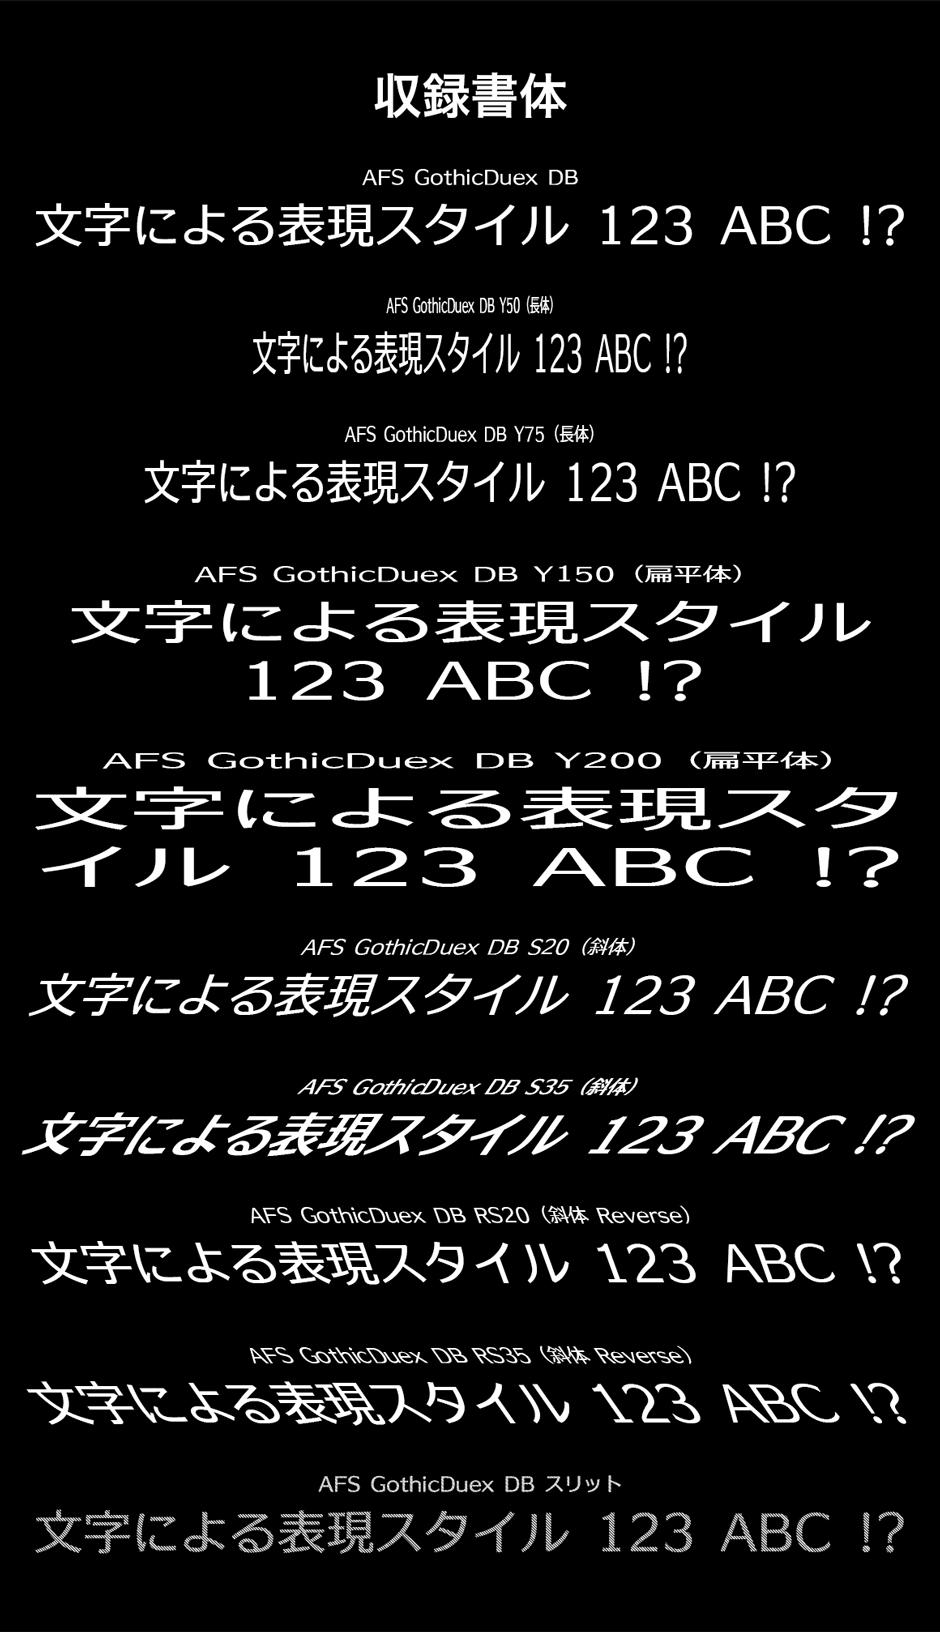 AFS ゴシックドゥ DB